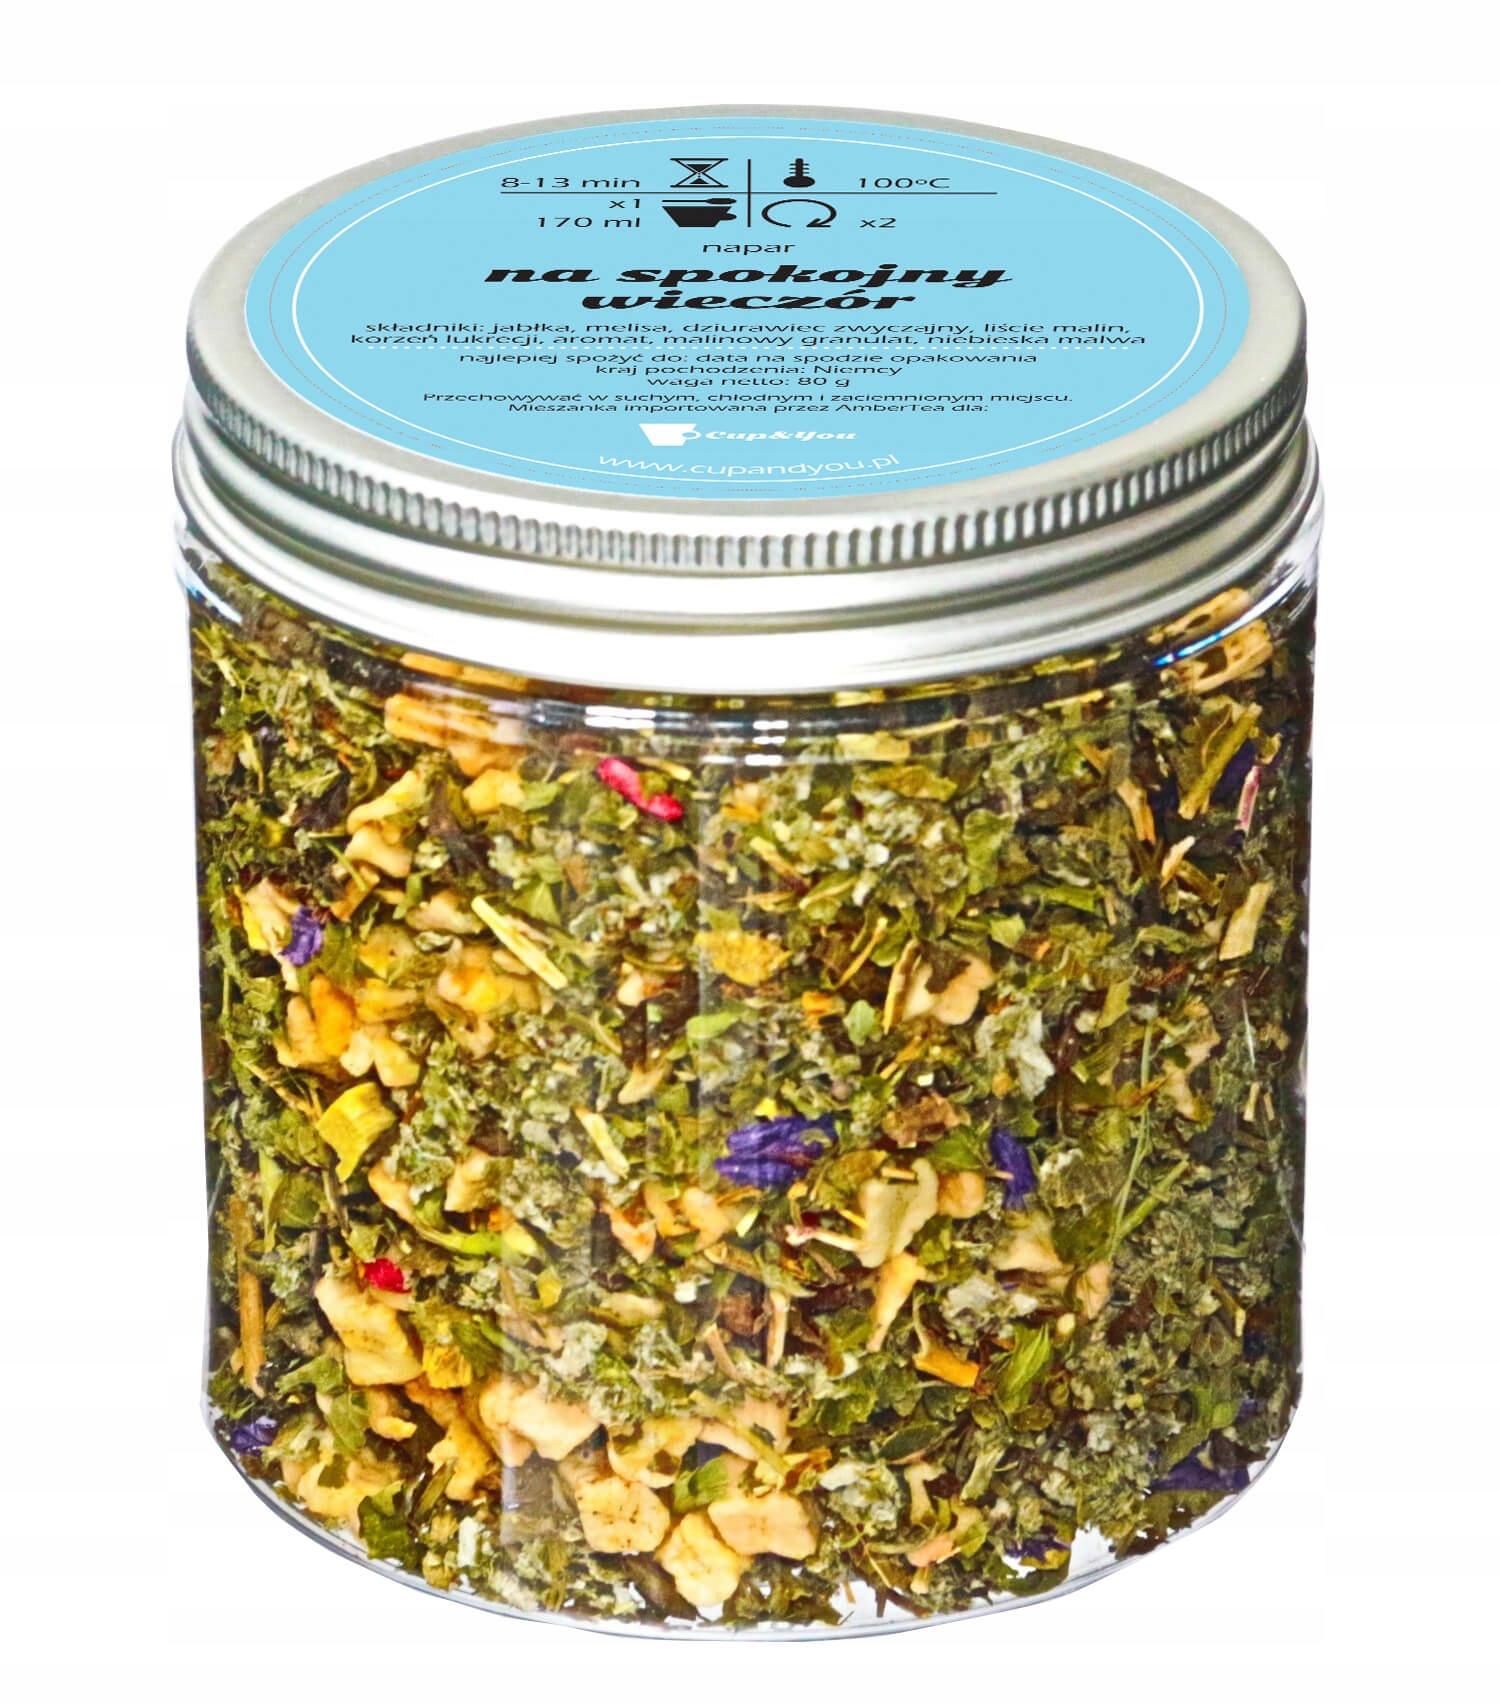 Herbata ziołowa uspokajająca - Na spokojny wieczór